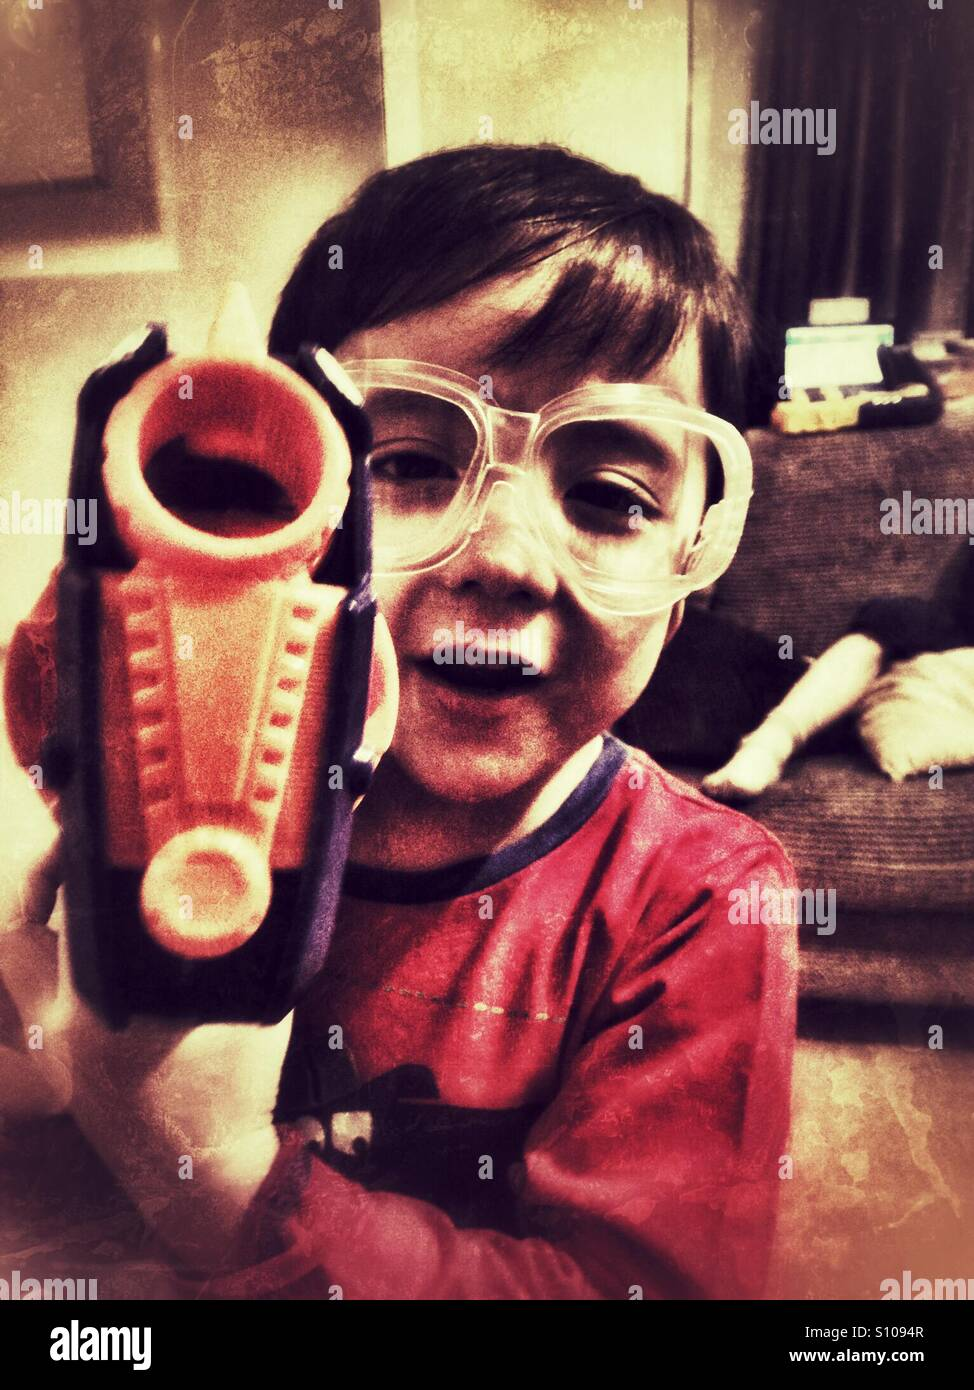 Un chico gafas protectoras, jugando con una pistola de juguete. Imagen De Stock